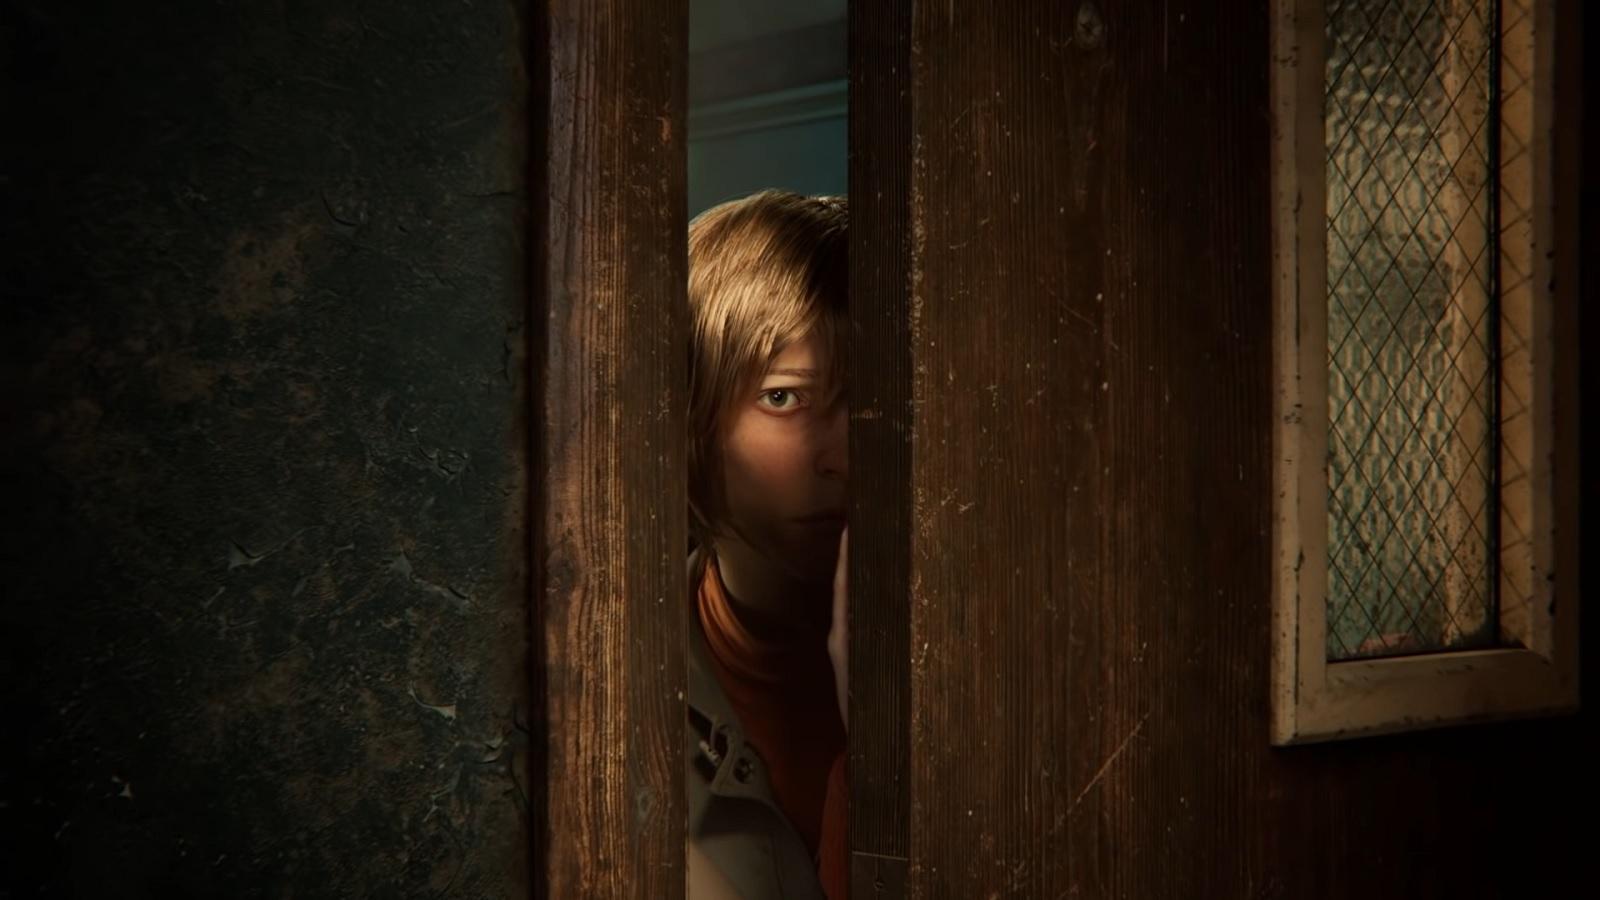 Акира Ямаока рассказал, что его следующий проект анонсируют летом. Кажется, это Silent Hill